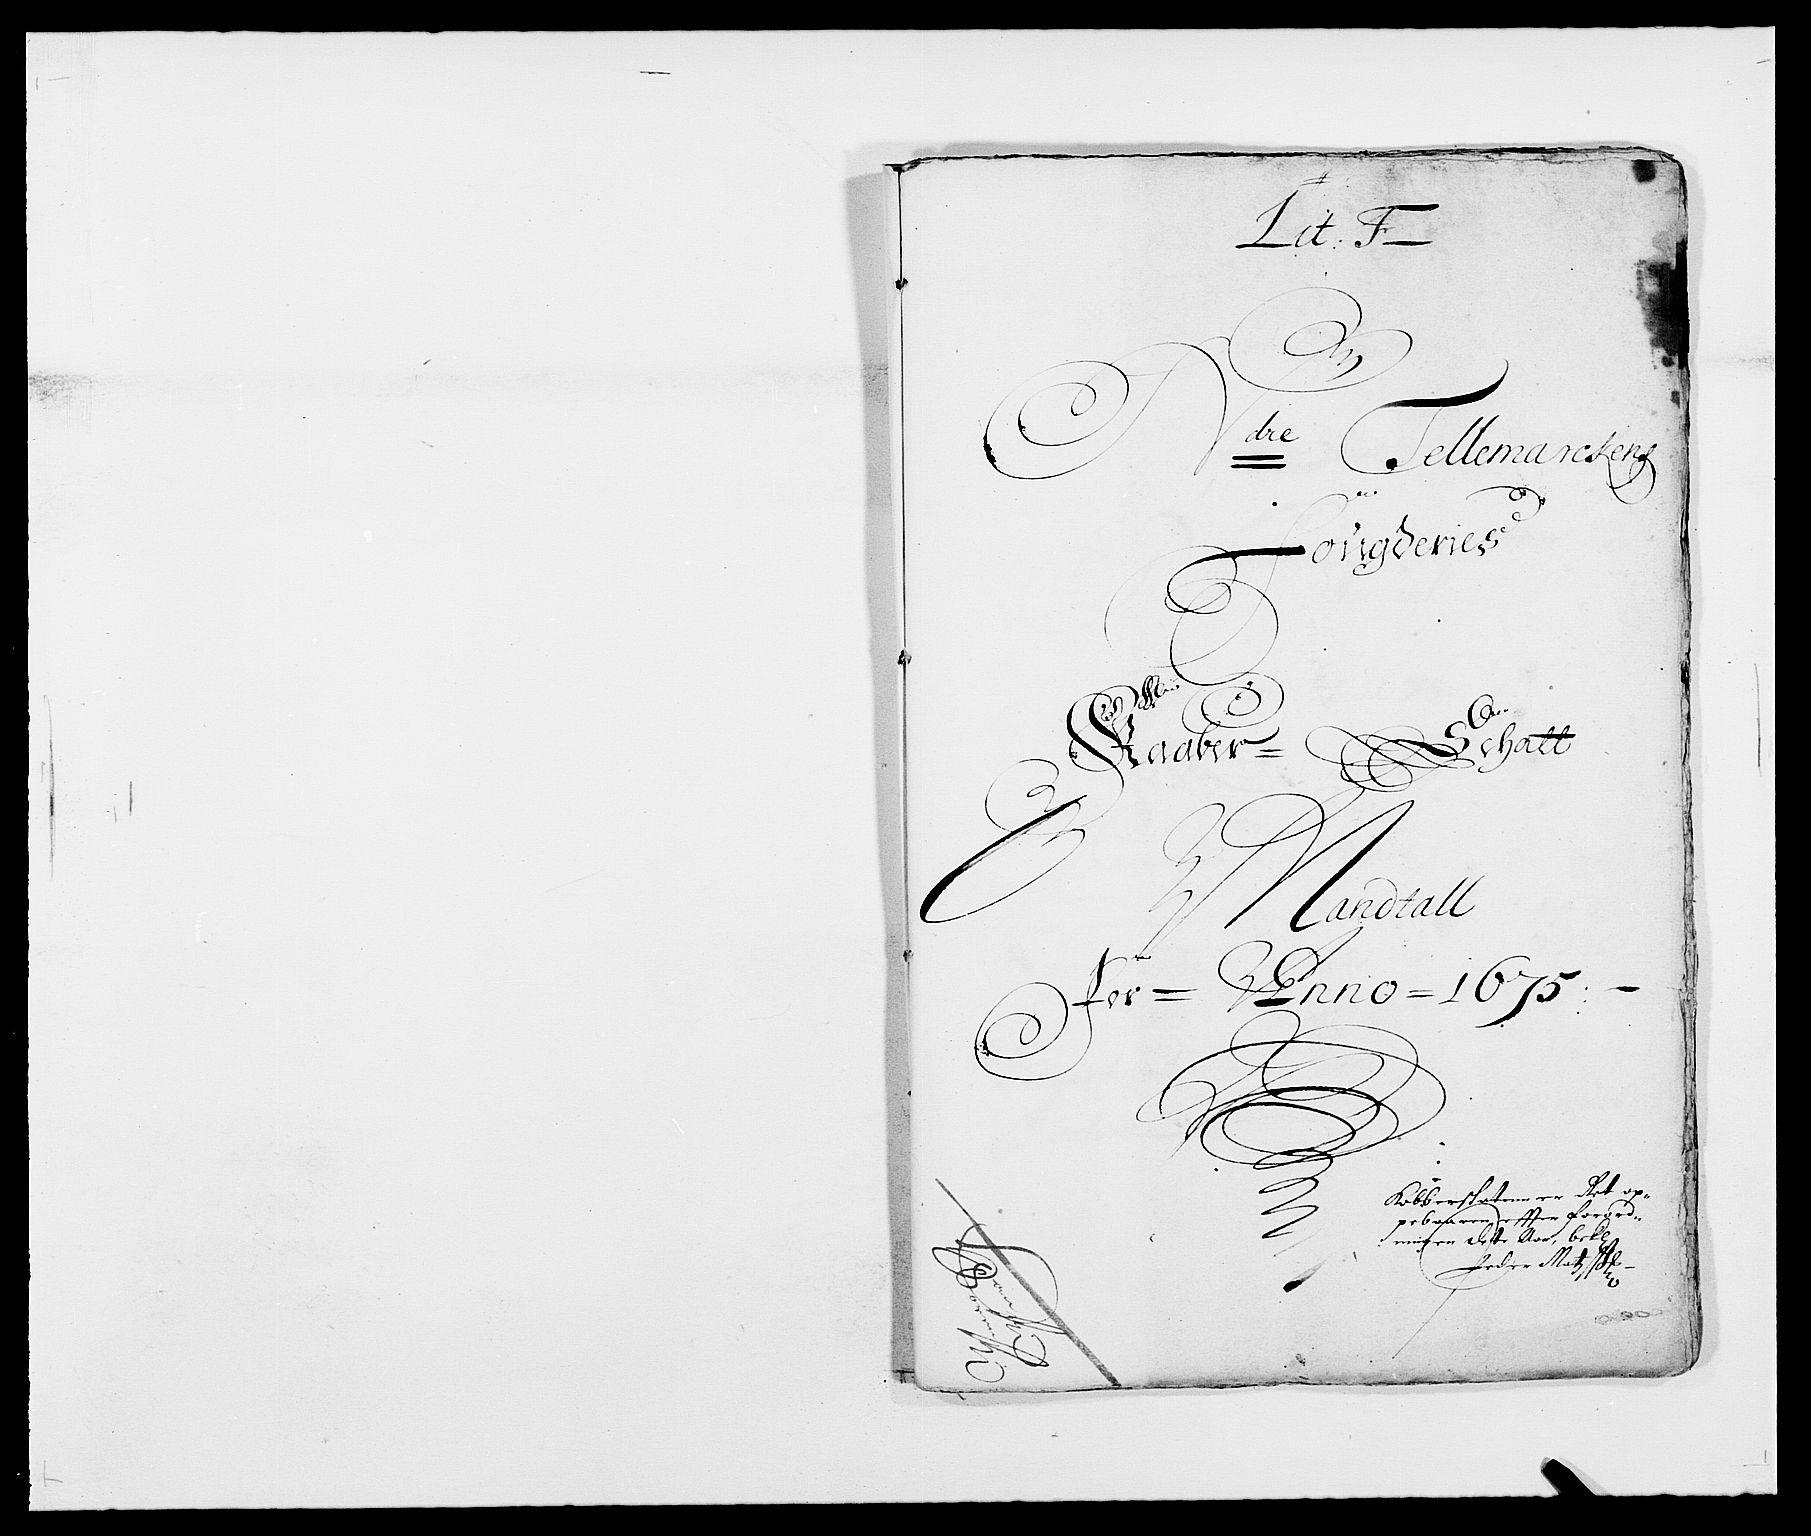 RA, Rentekammeret inntil 1814, Reviderte regnskaper, Fogderegnskap, R35/L2063: Fogderegnskap Øvre og Nedre Telemark, 1675, s. 132